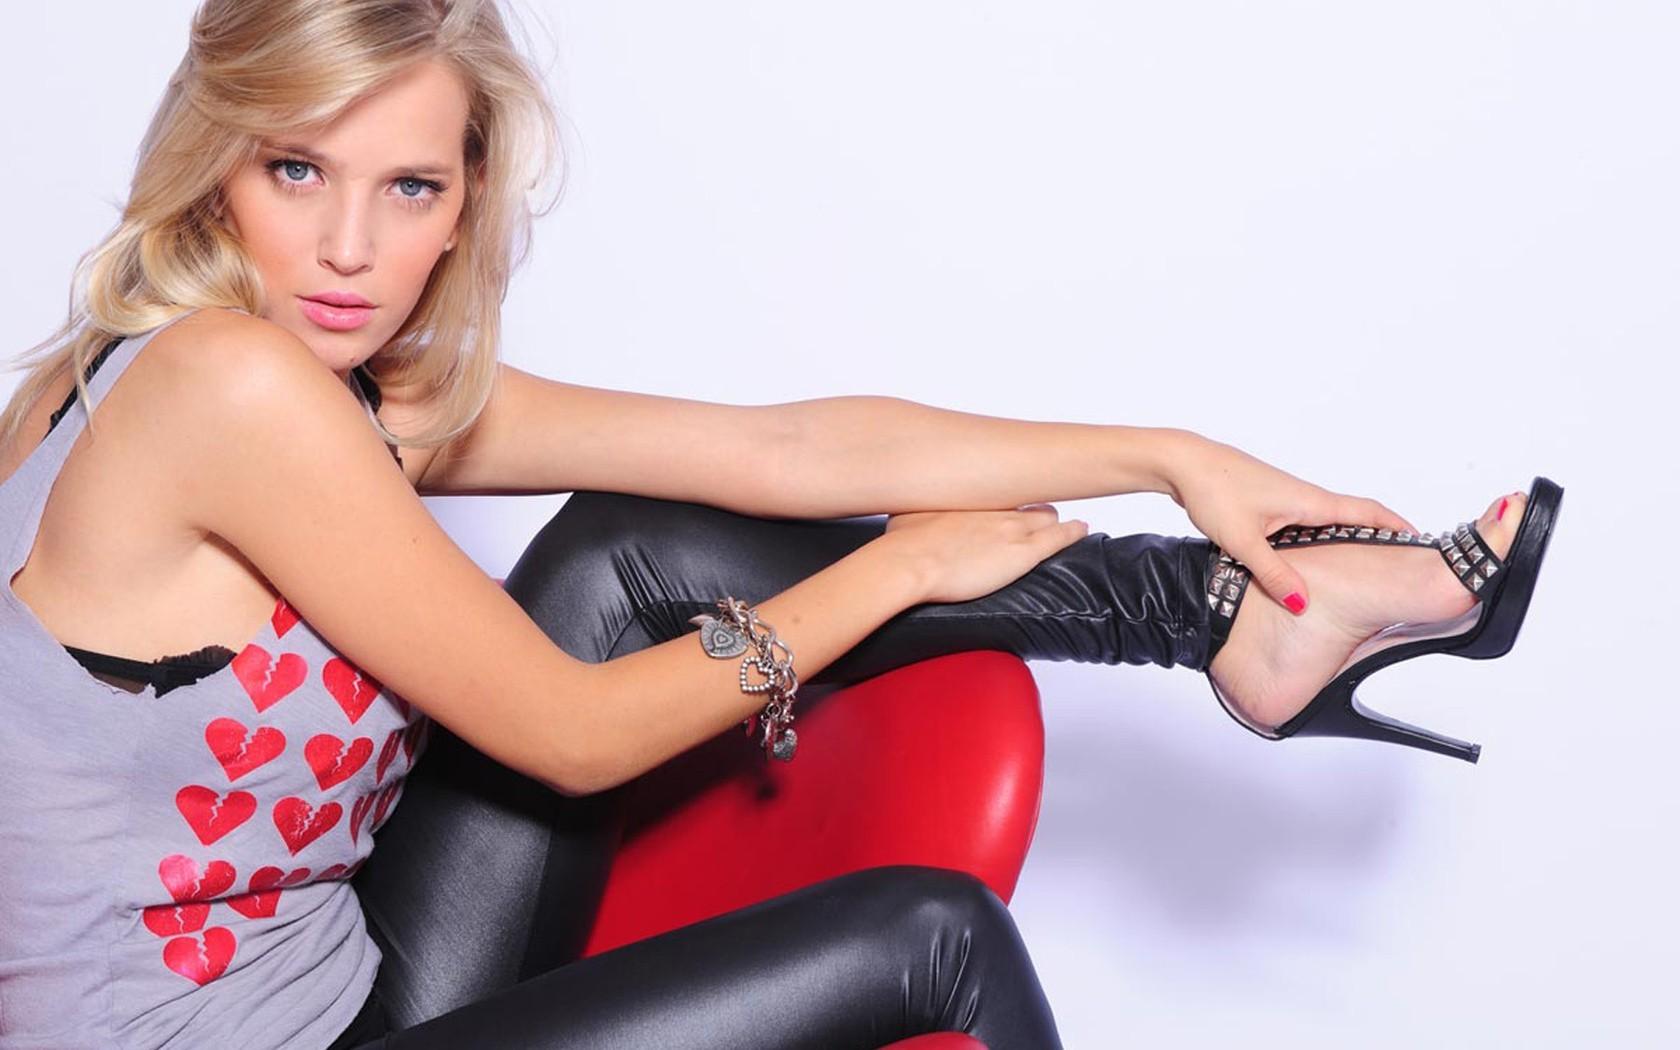 blonde Strumpfbilder